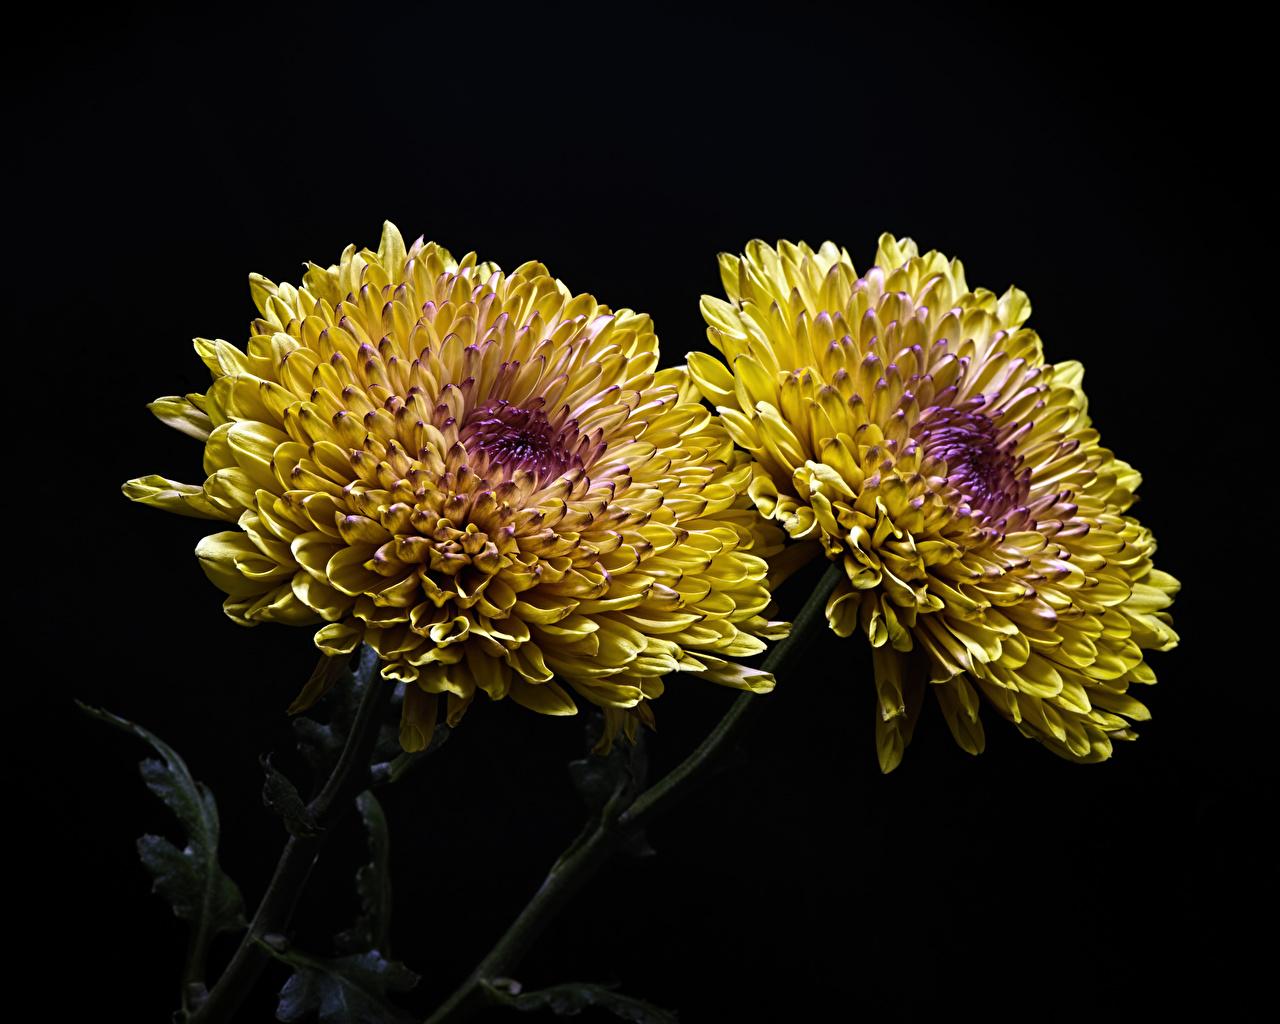 Фото Двое цветок Хризантемы вблизи на черном фоне 2 два две вдвоем Цветы Черный фон Крупным планом